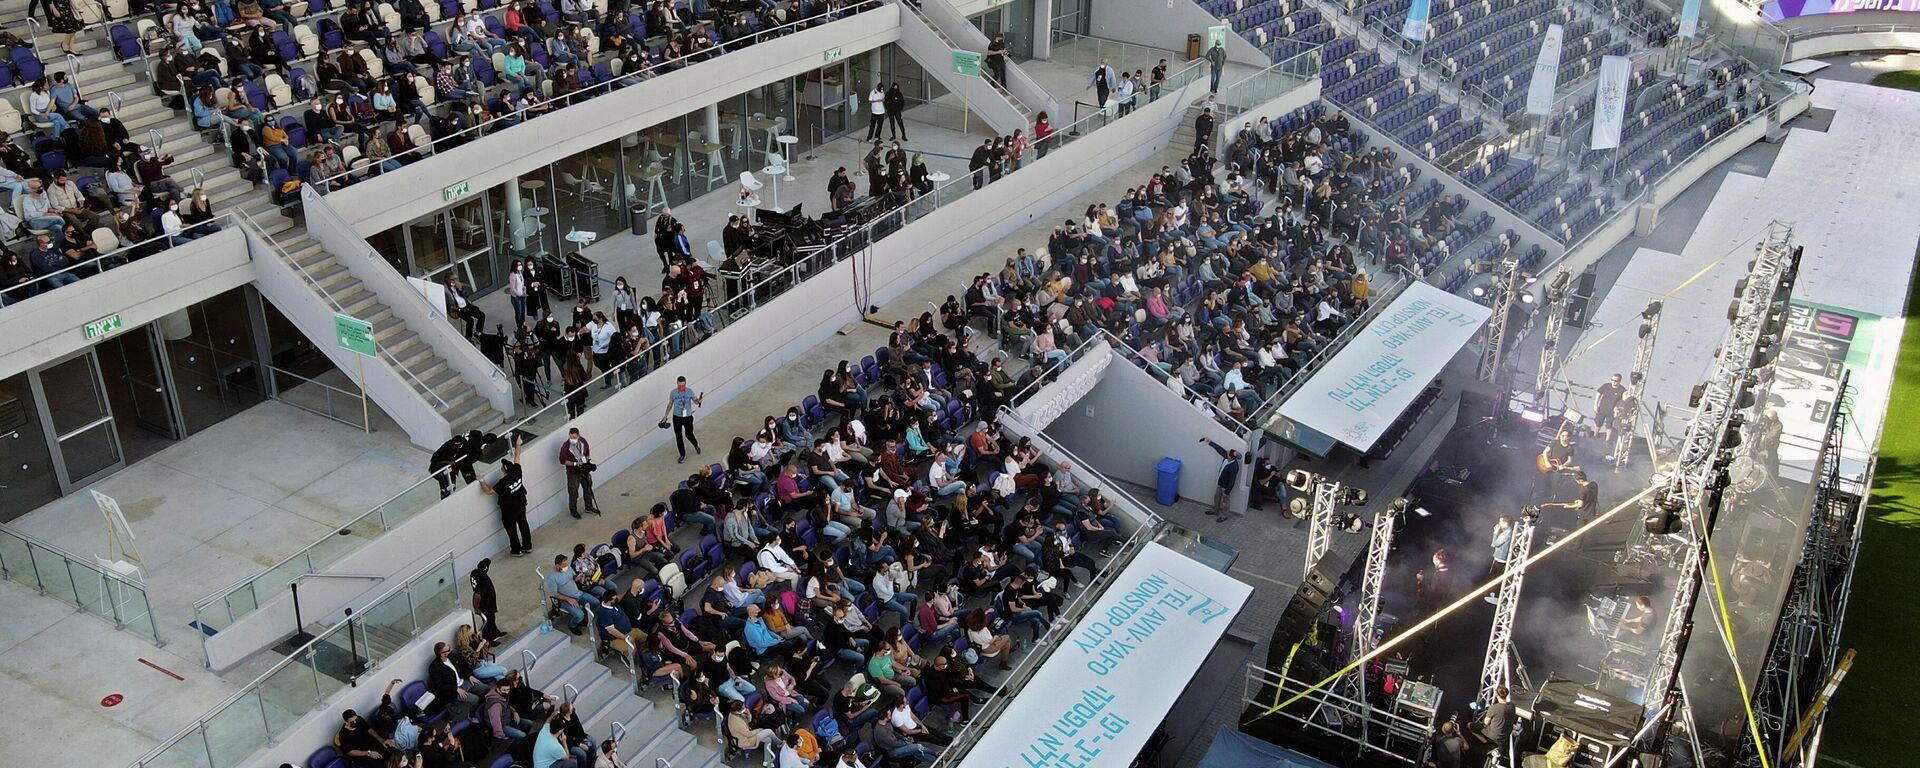 Rund 500 Zuschauer kamen zu einem Konzert des Popsängers Ivri Lider auf der Bloomfield-Stadion in Tel Aviv zusammen. - SNA, 1920, 06.03.2021